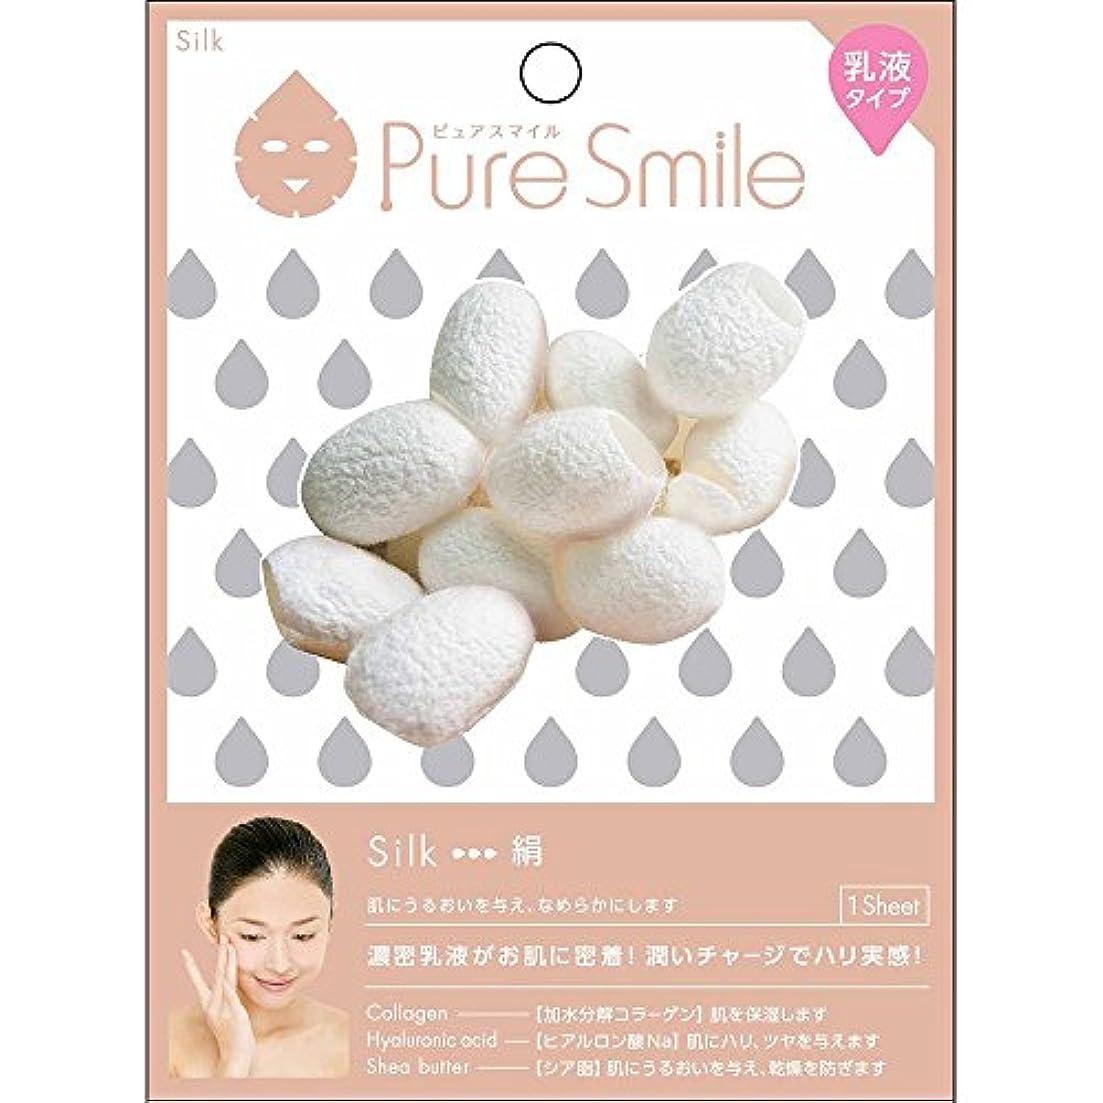 傾くトロピカル適切なPure Smile(ピュアスマイル) 乳液エッセンスマスク 1 枚 絹